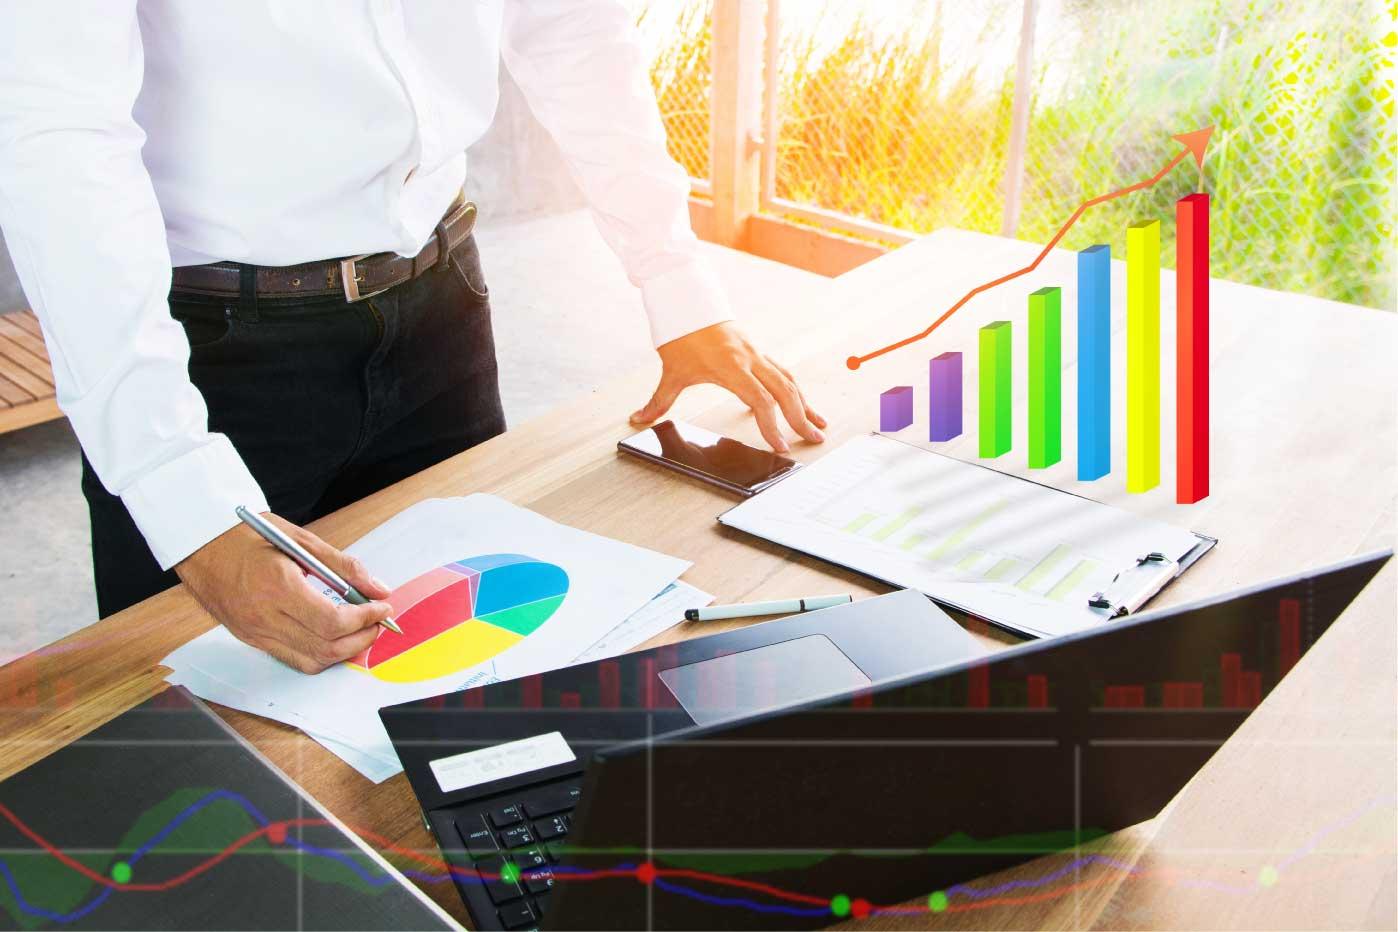 Con crecimiento de 5.45%, el sector de seguros demuestra su solidez